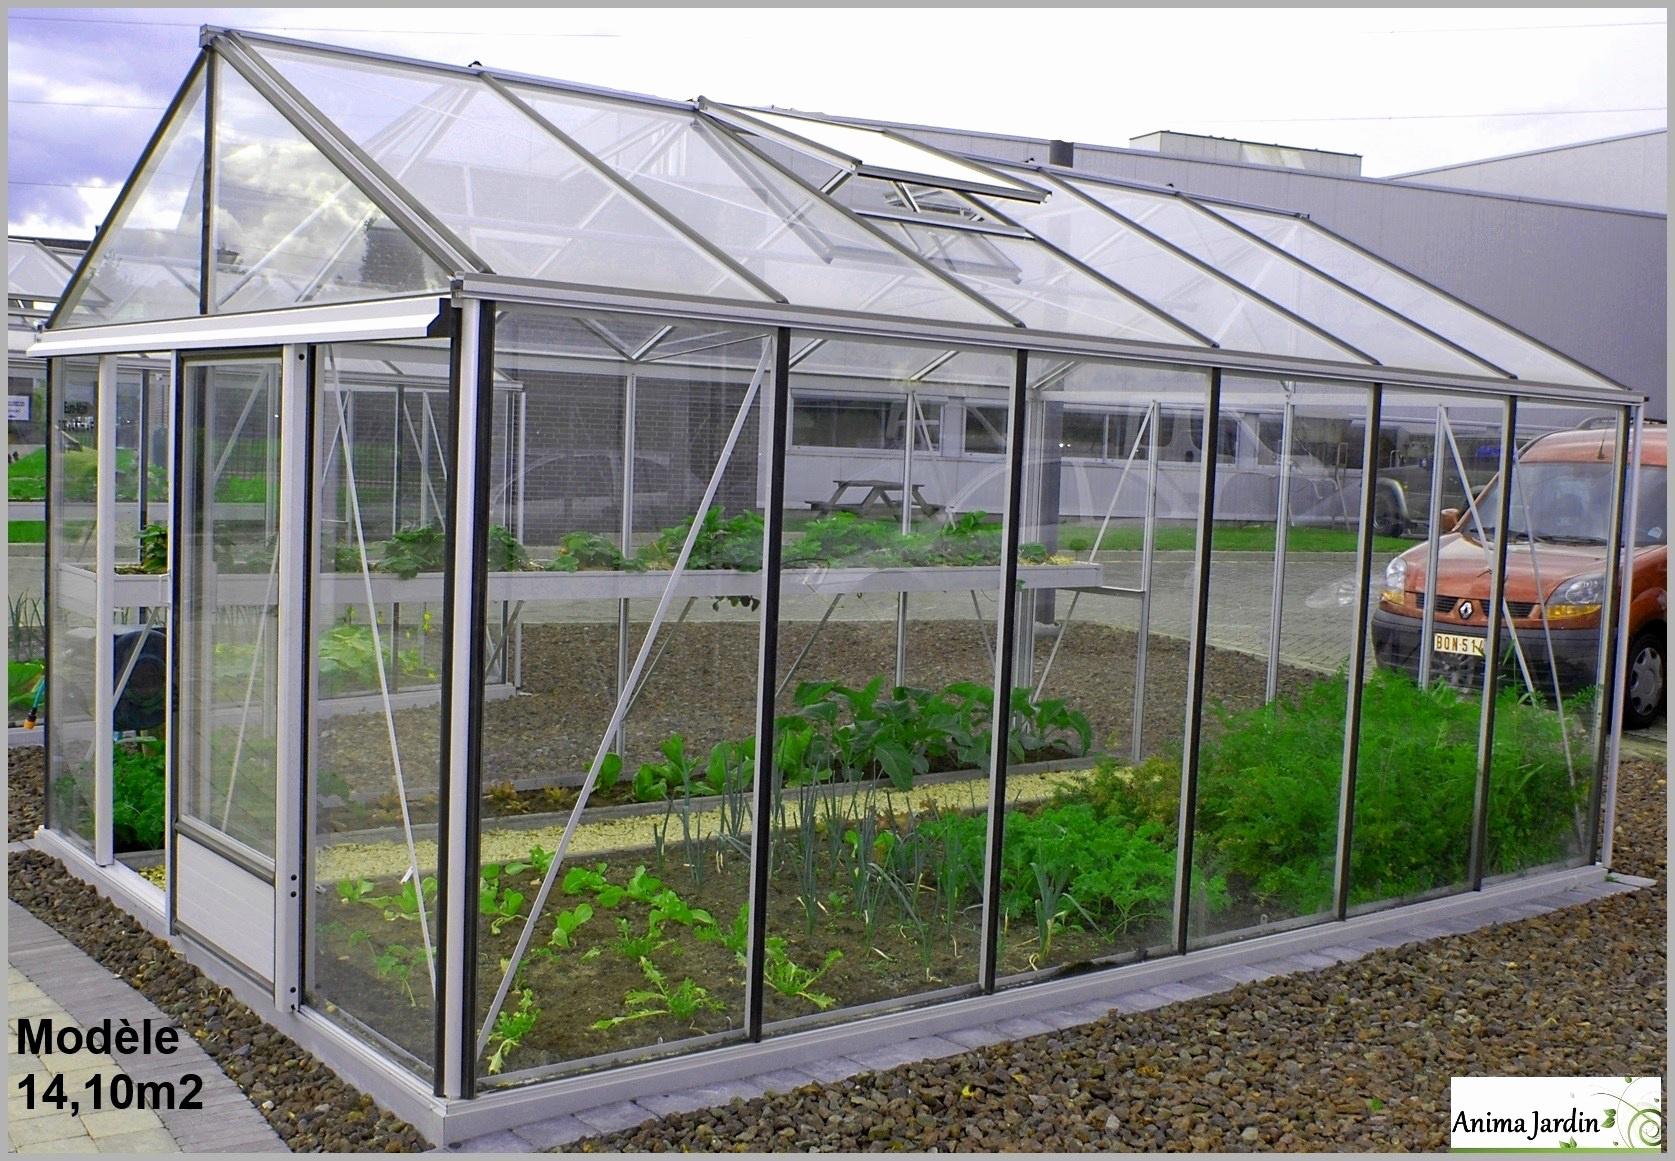 Castorama Serre De Jardin Polycarbonate – Gamboahinestrosa serapportantà Serre De Jardin Polycarbonate 18M2